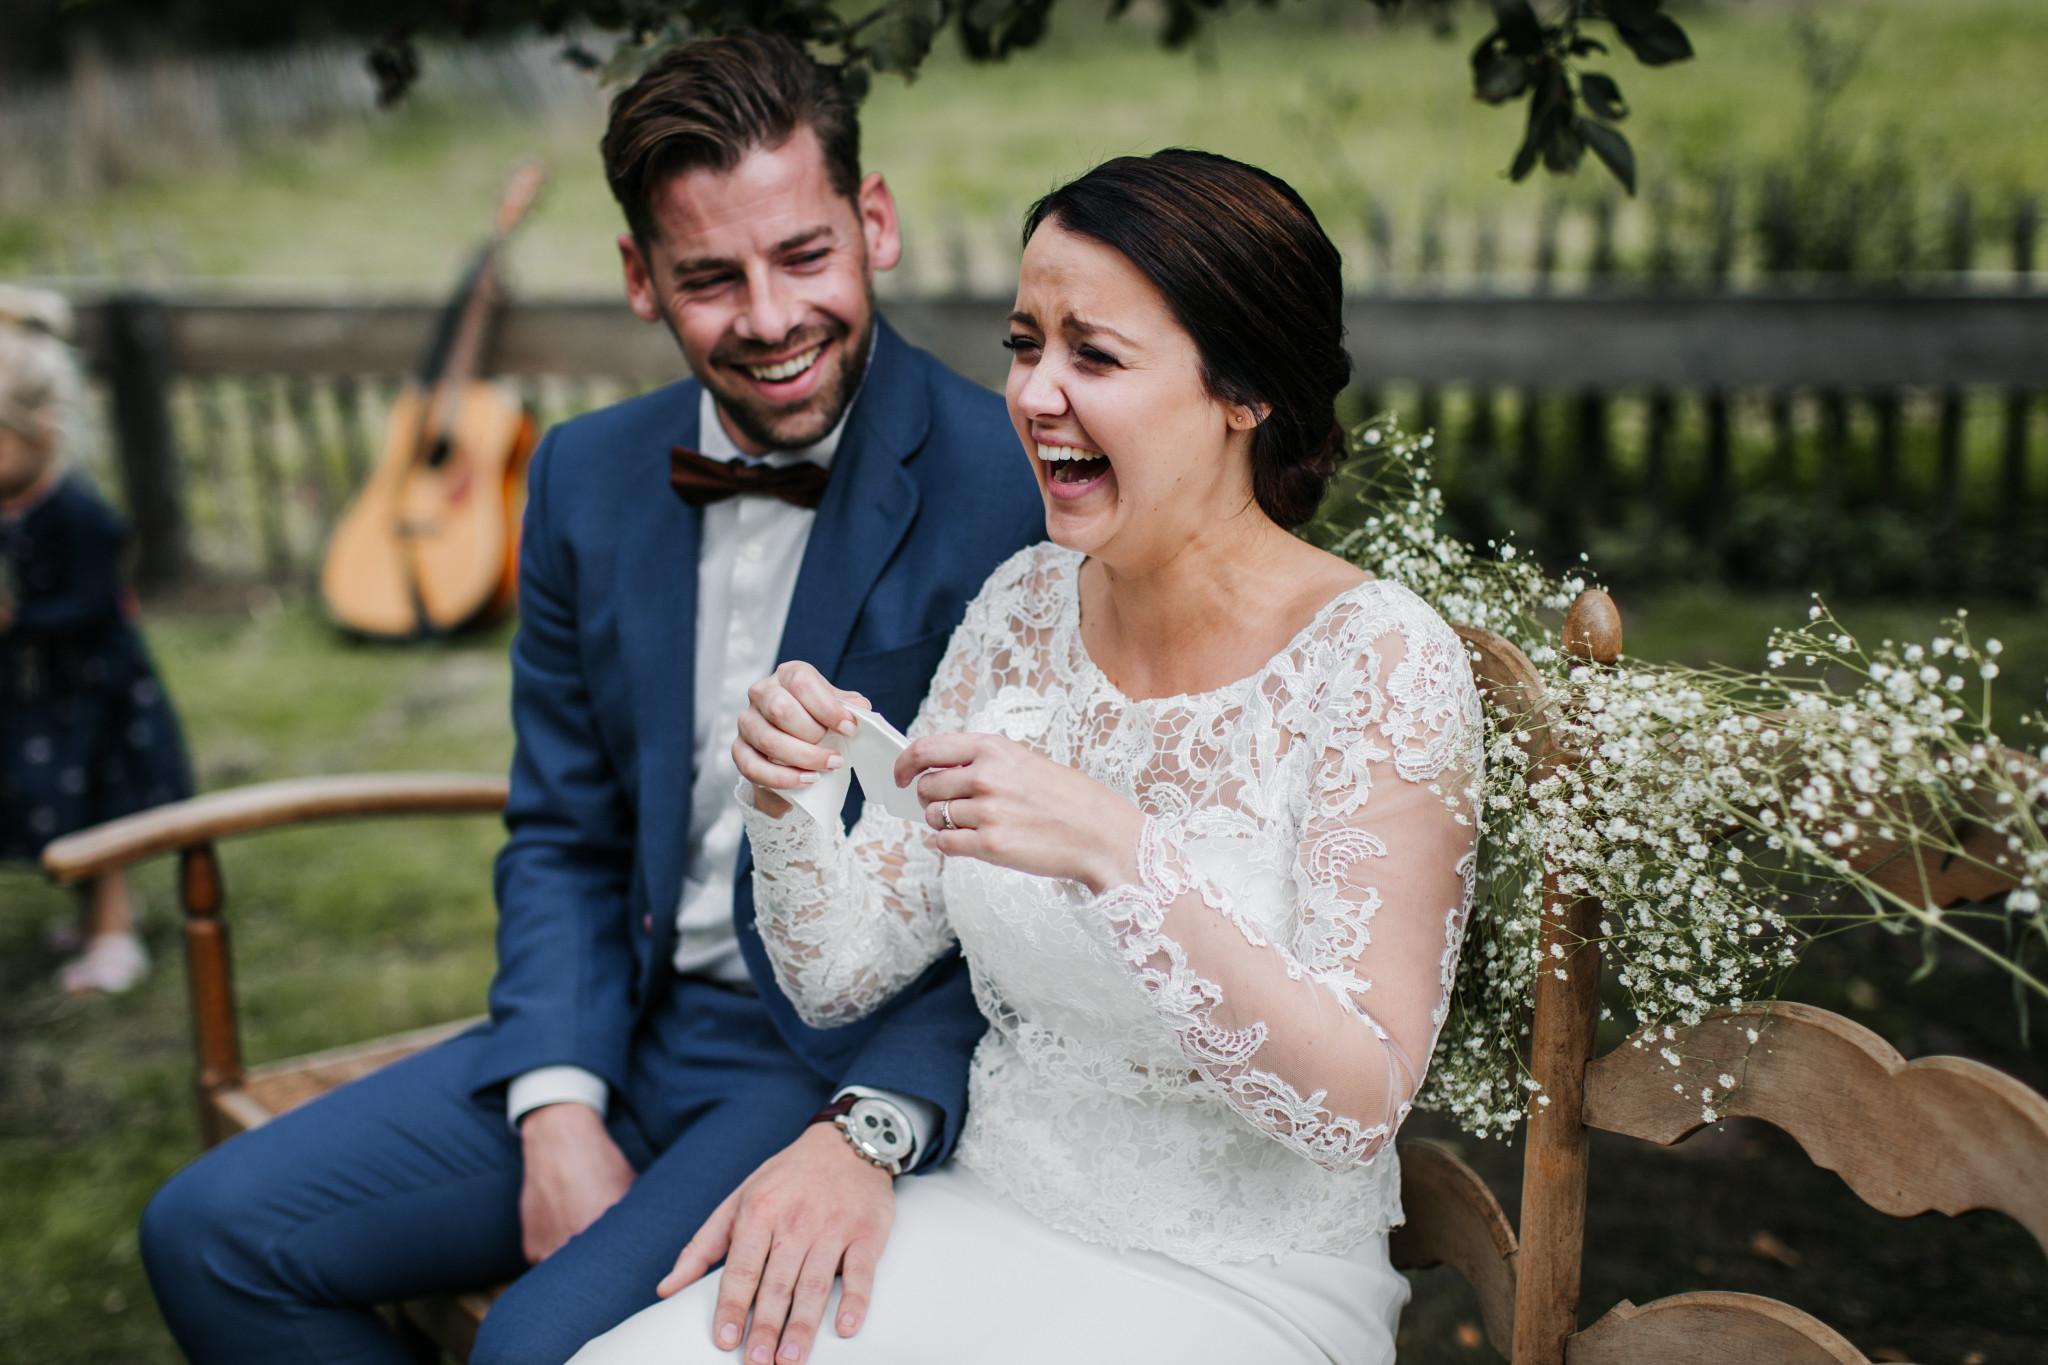 Bruiloft In De Tuin Organiseren Dit Moet Je Regelen